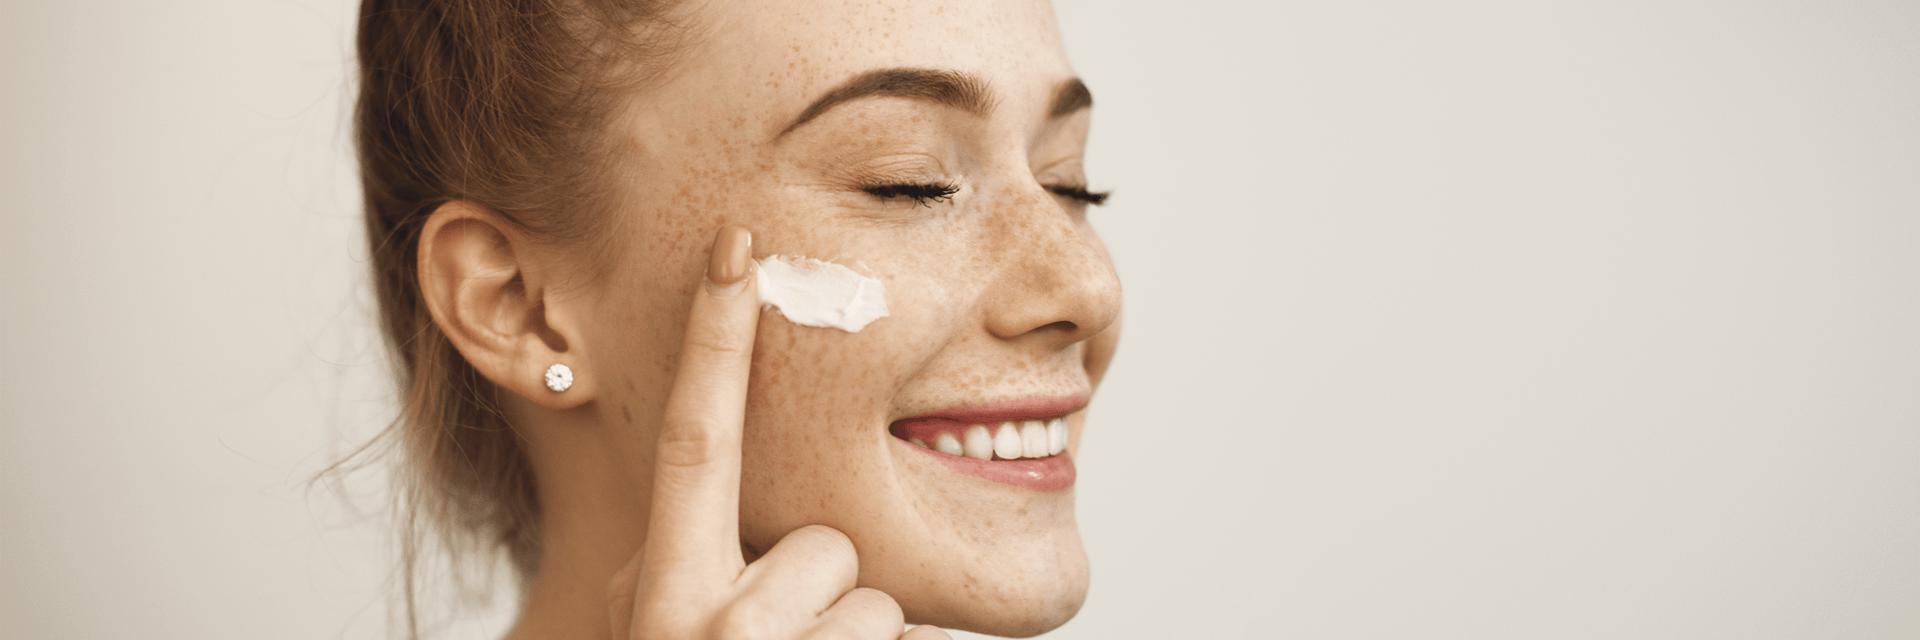 Natürliche Pflege für die Haut mit Naturkosmetik aus dem Reformhaus Bacher